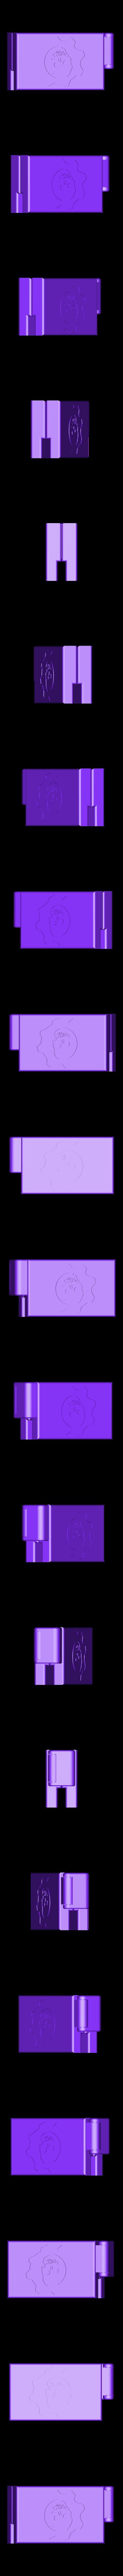 gowwallet.stl Télécharger fichier STL gratuit Video Game / Anime Themed Wallets • Objet pour imprimante 3D, ChrisBobo